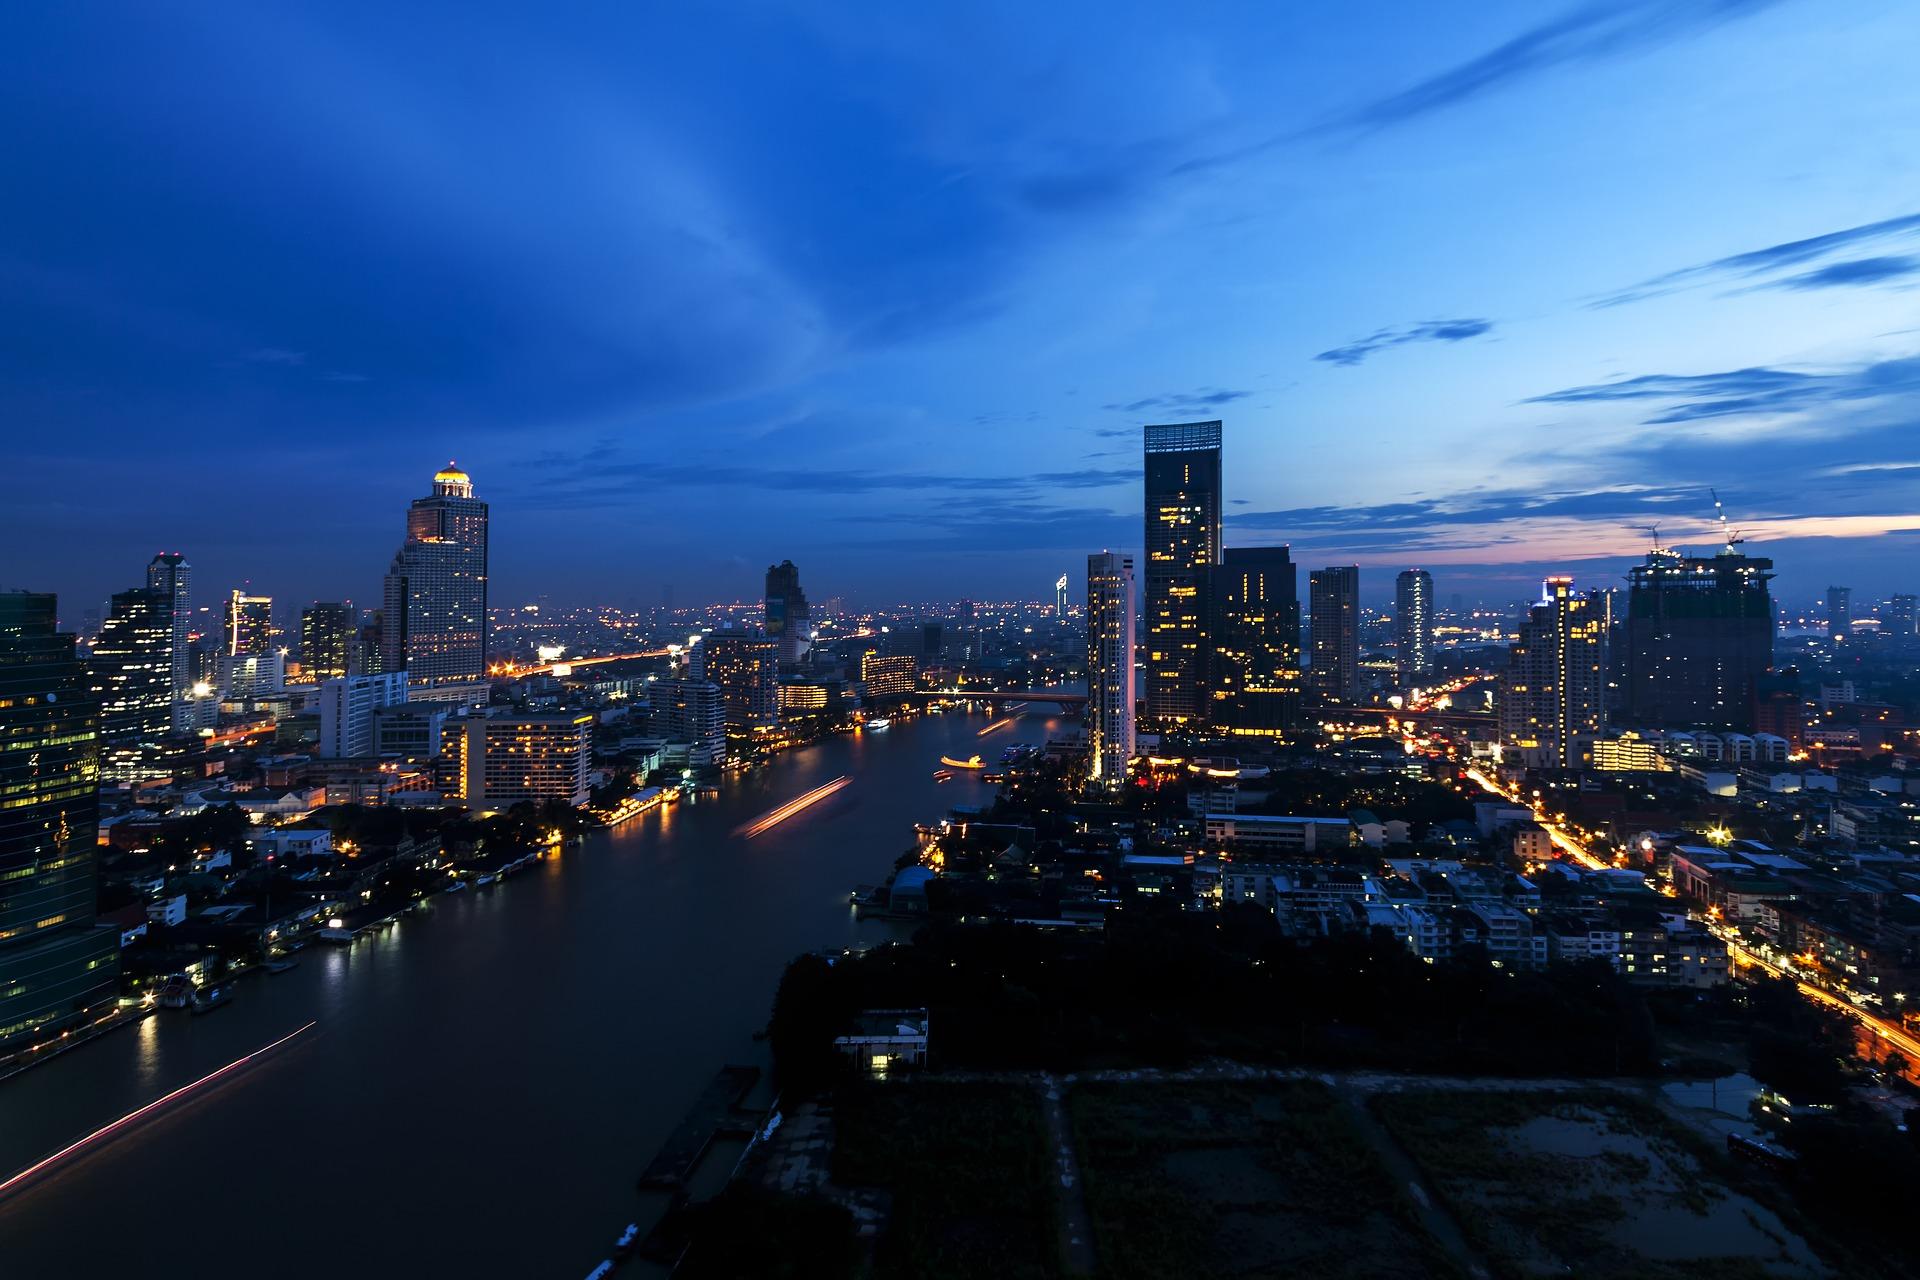 bangkok-river-at-night